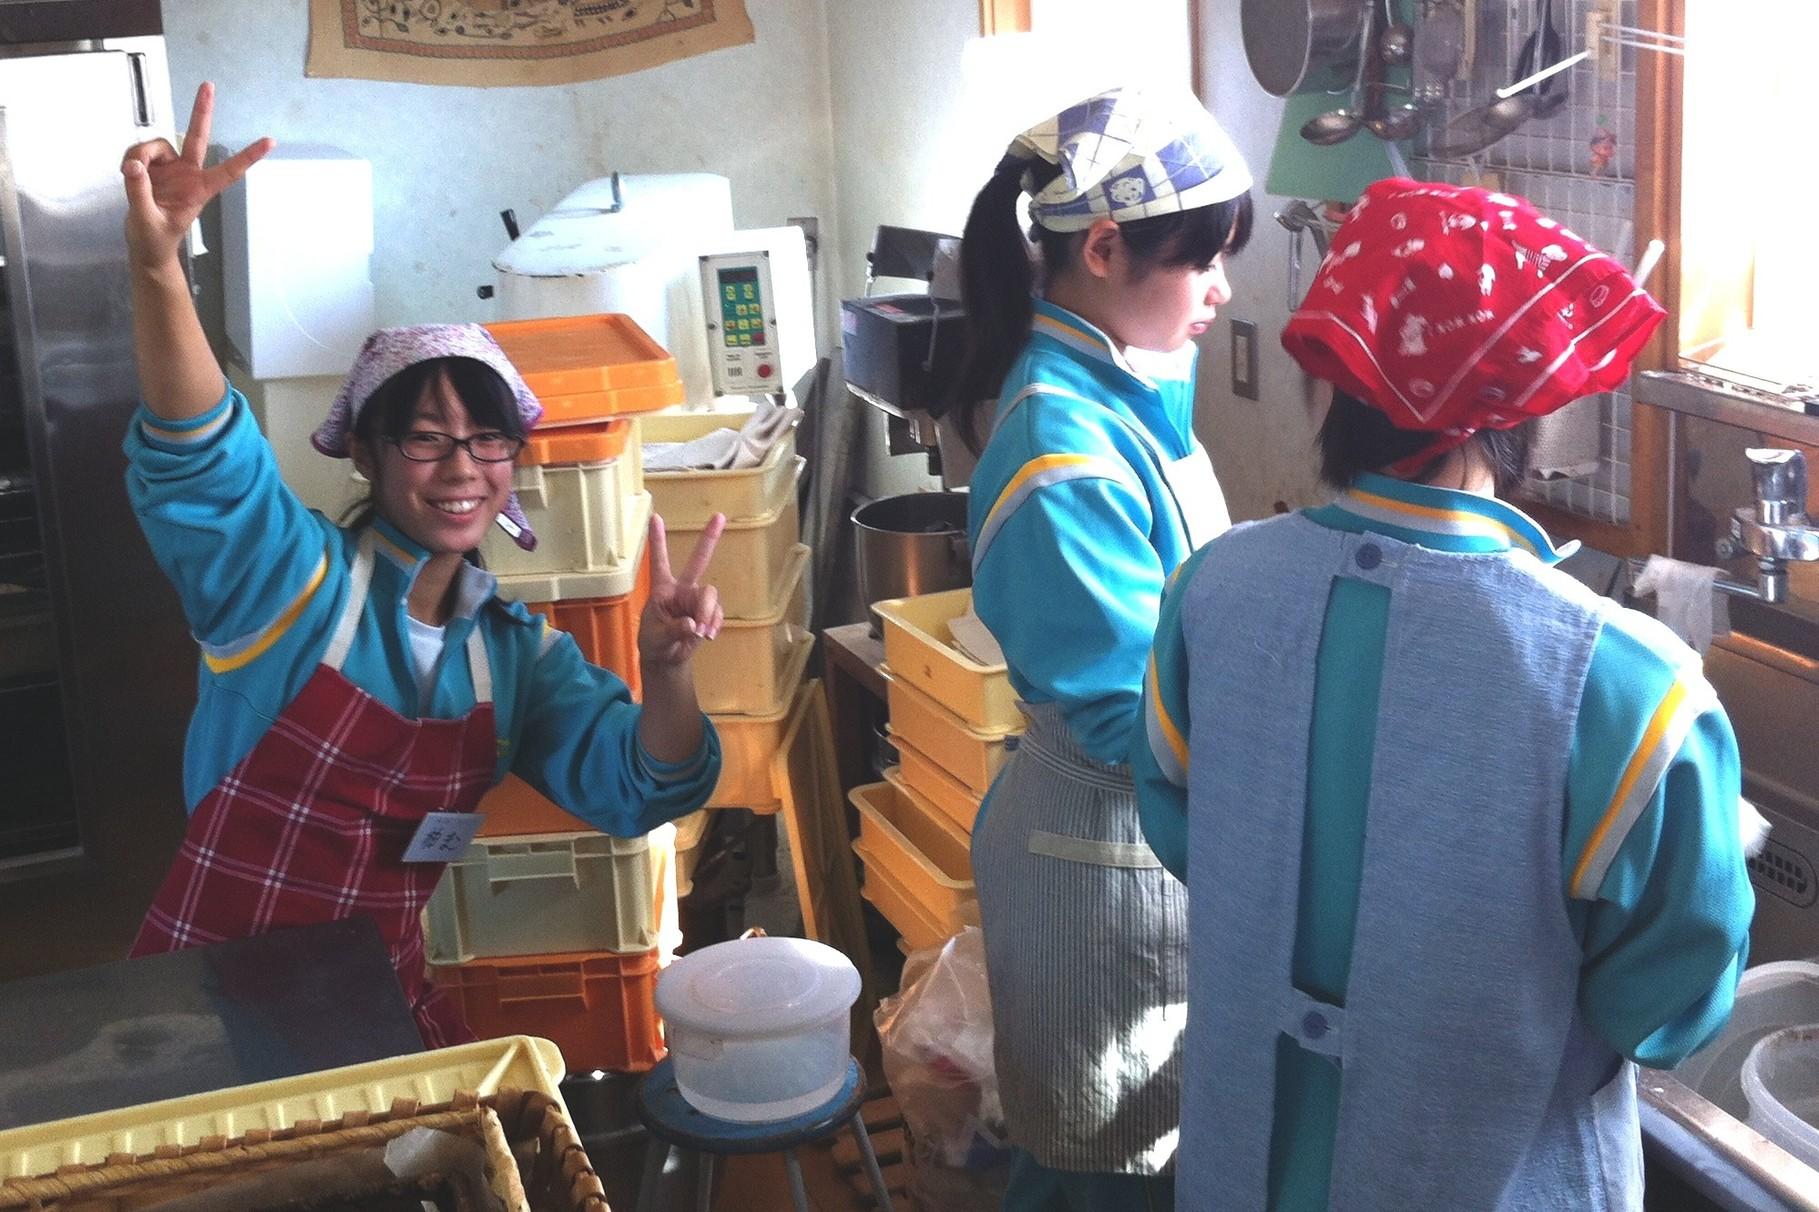 三本木中学校の2年生の皆さんが職場体験に来てくれました^^元気な剣道部の女の子3名です!